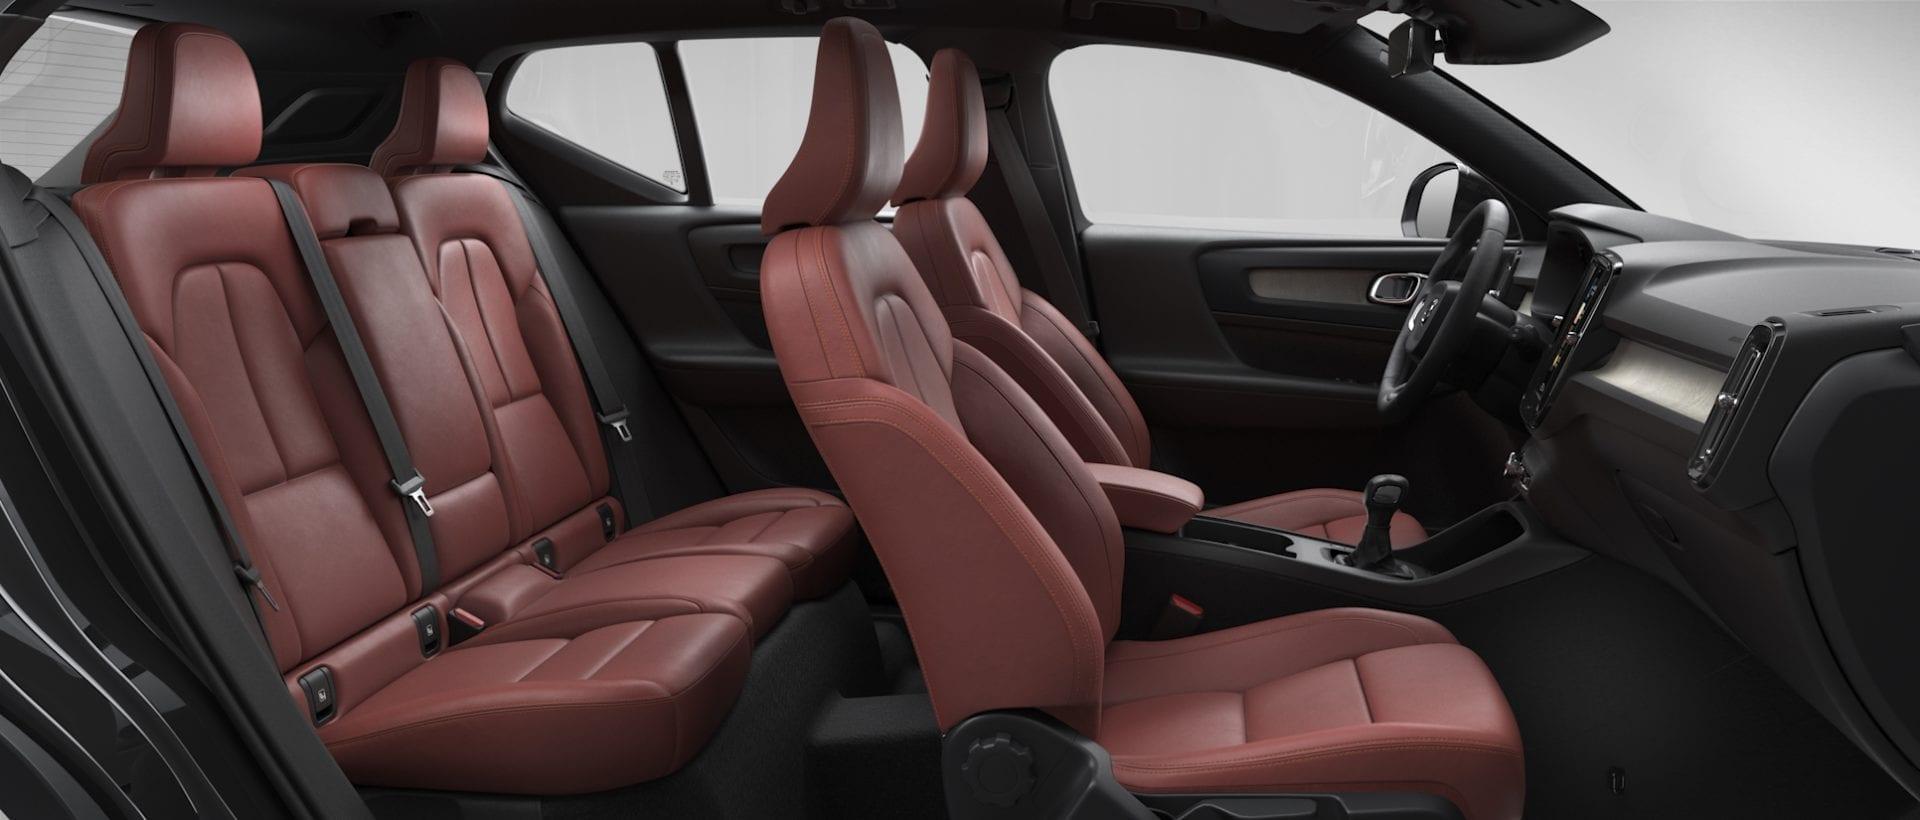 Volvo ХС40  фото интерьера 5